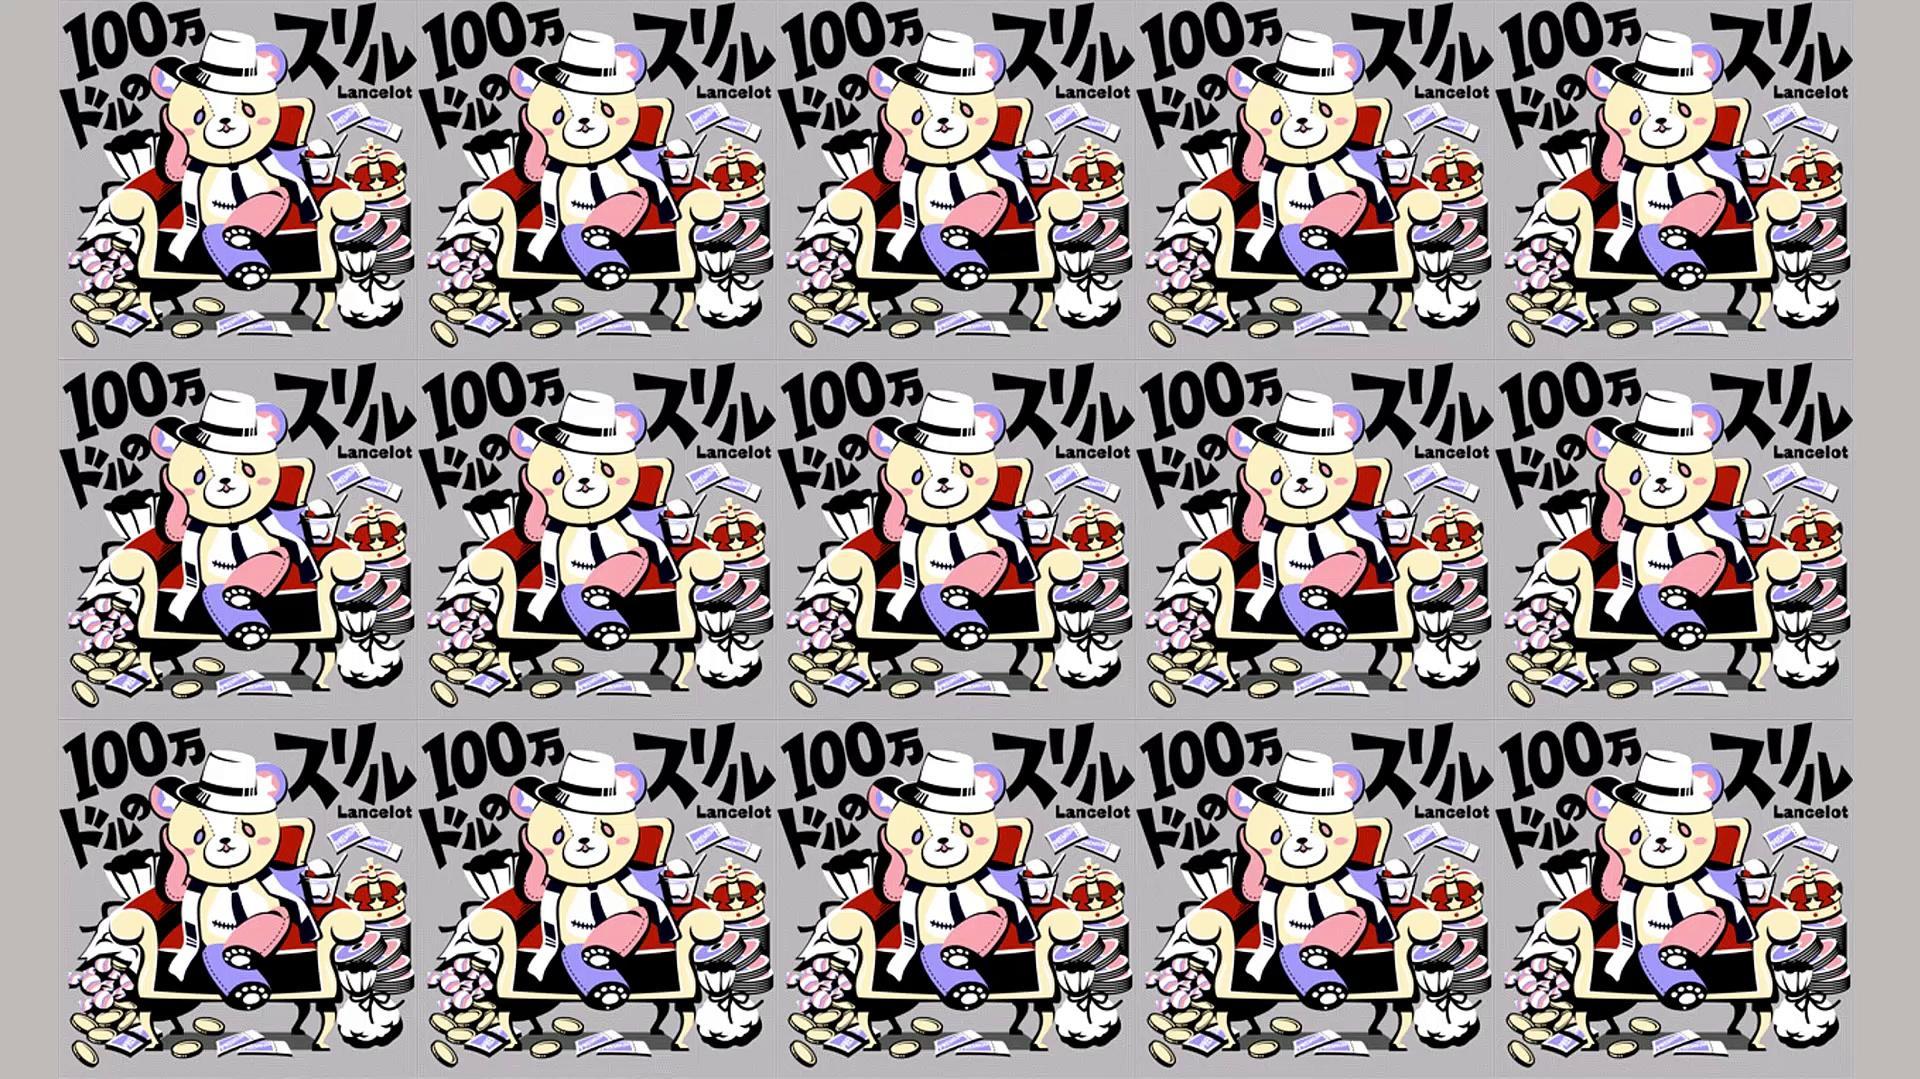 100 Man Doru no Suriru (100万ドルのスリル) - Lancelot